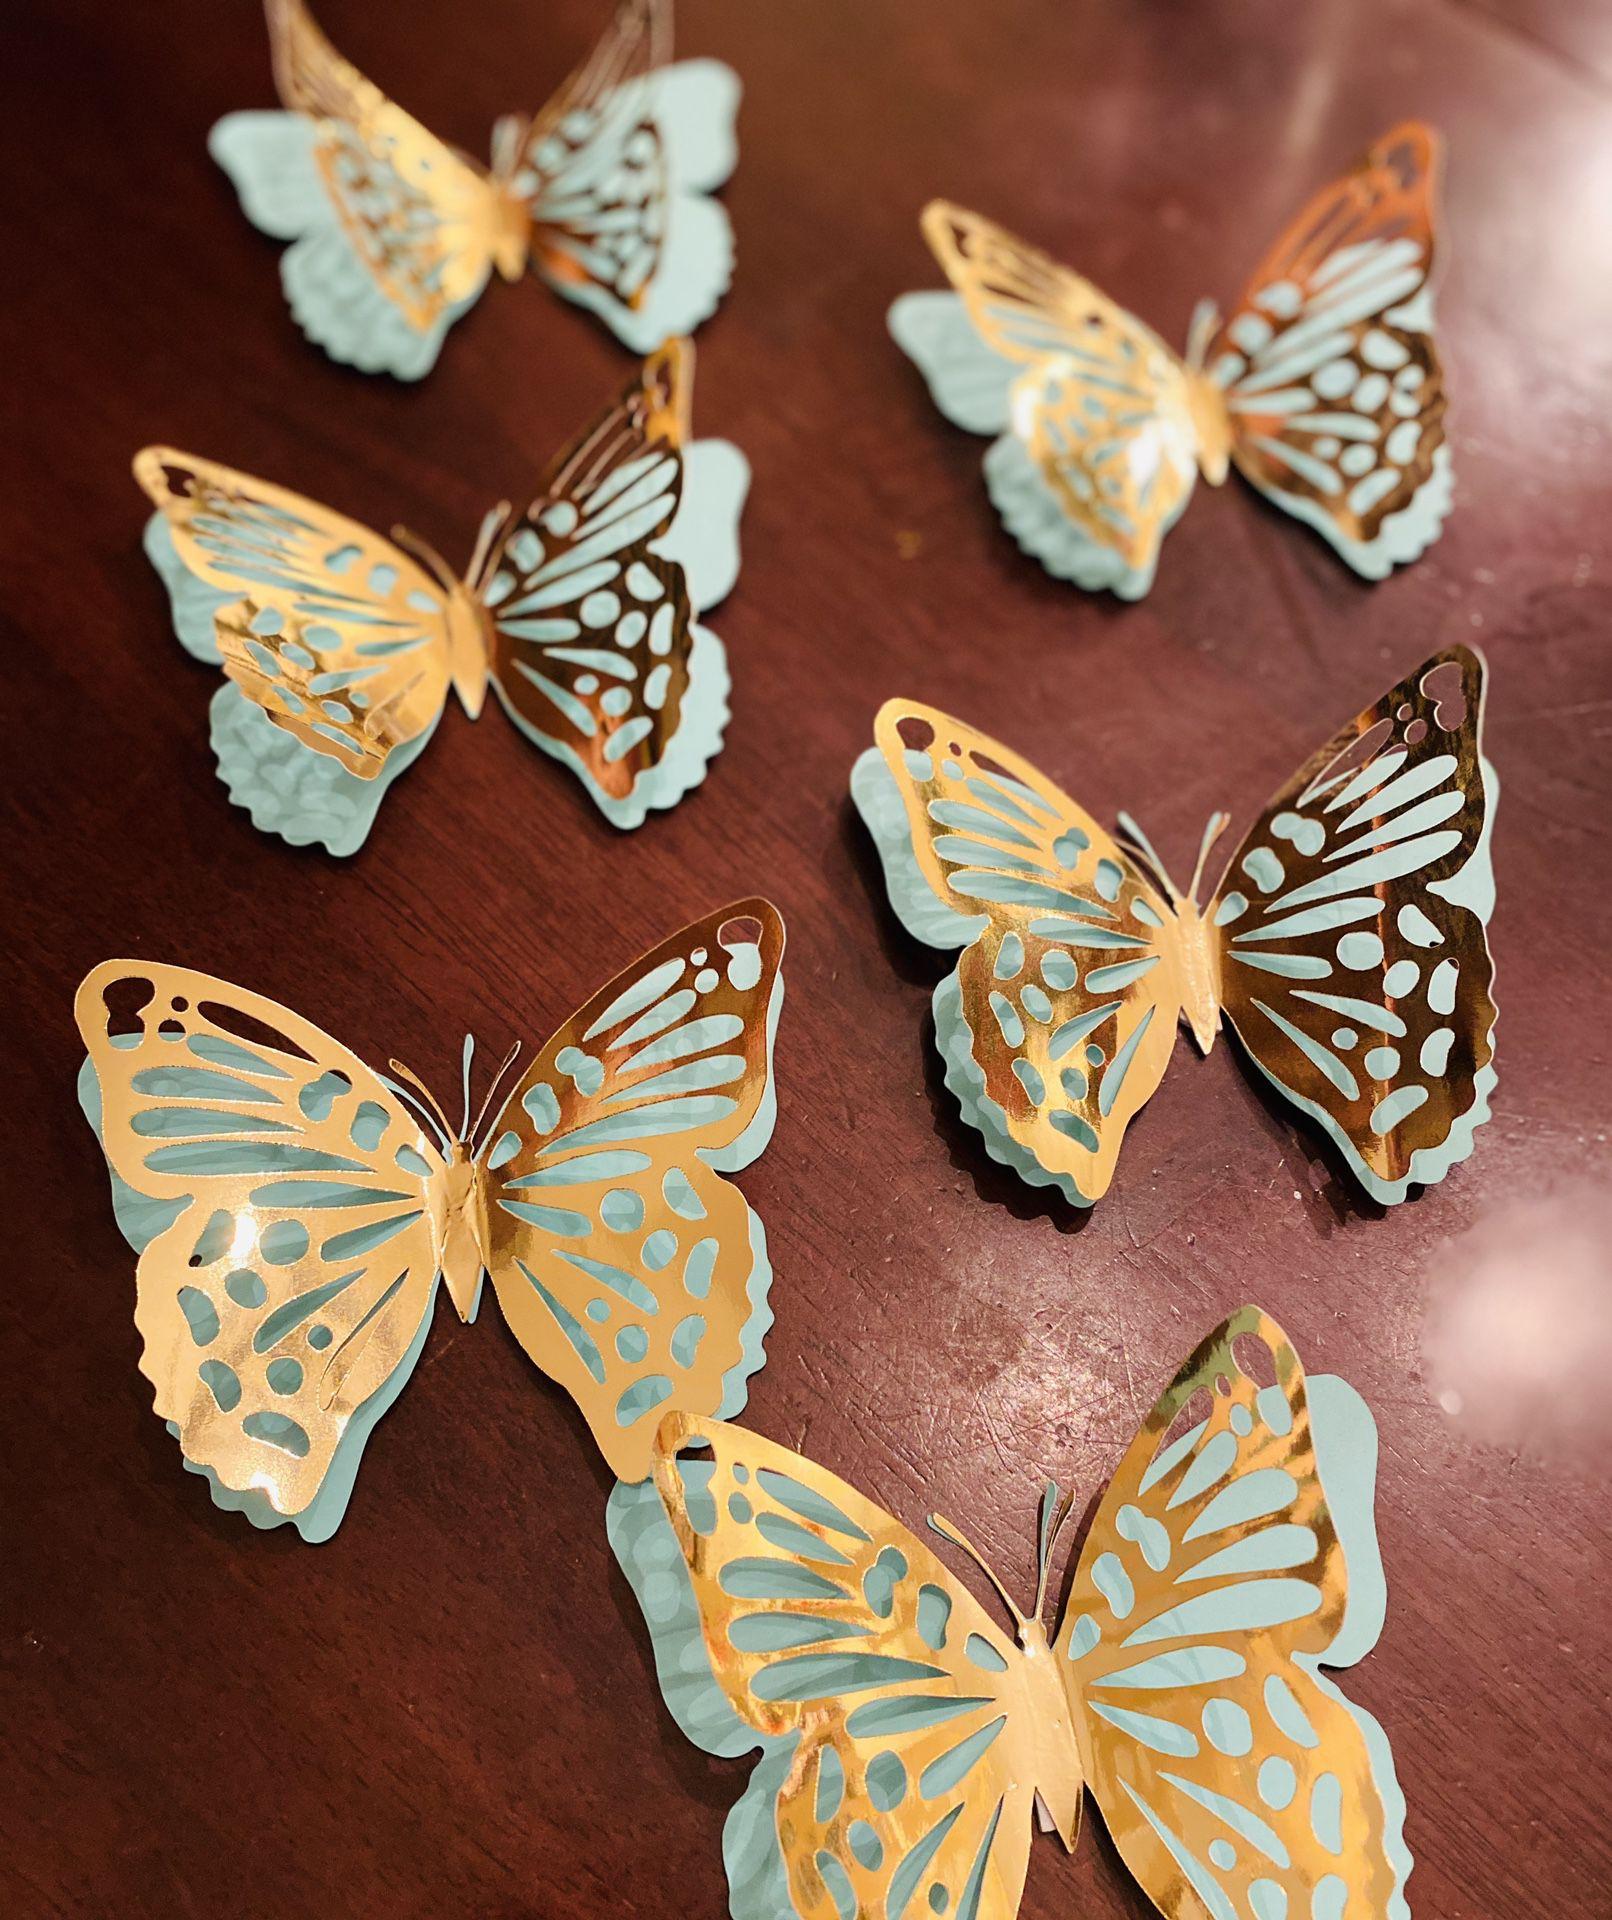 3D Teal and Gold Butterflies 🦋